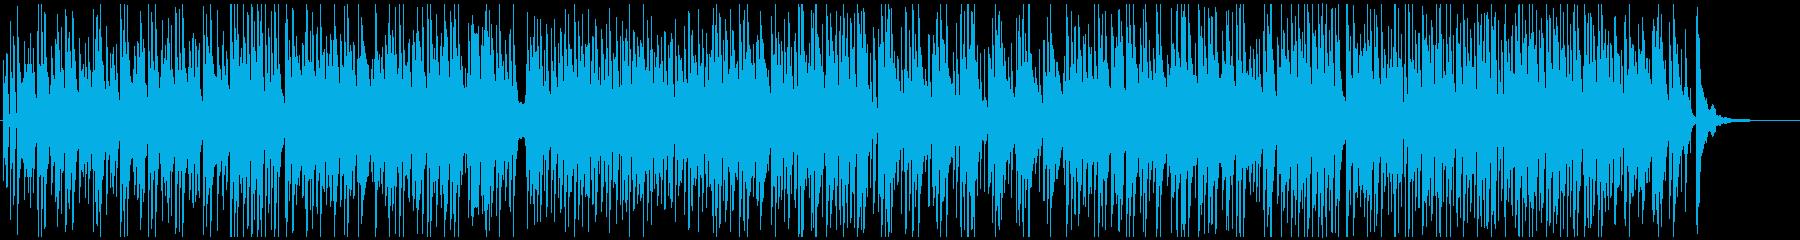 カフェゆったりジャズカルテット♪の再生済みの波形